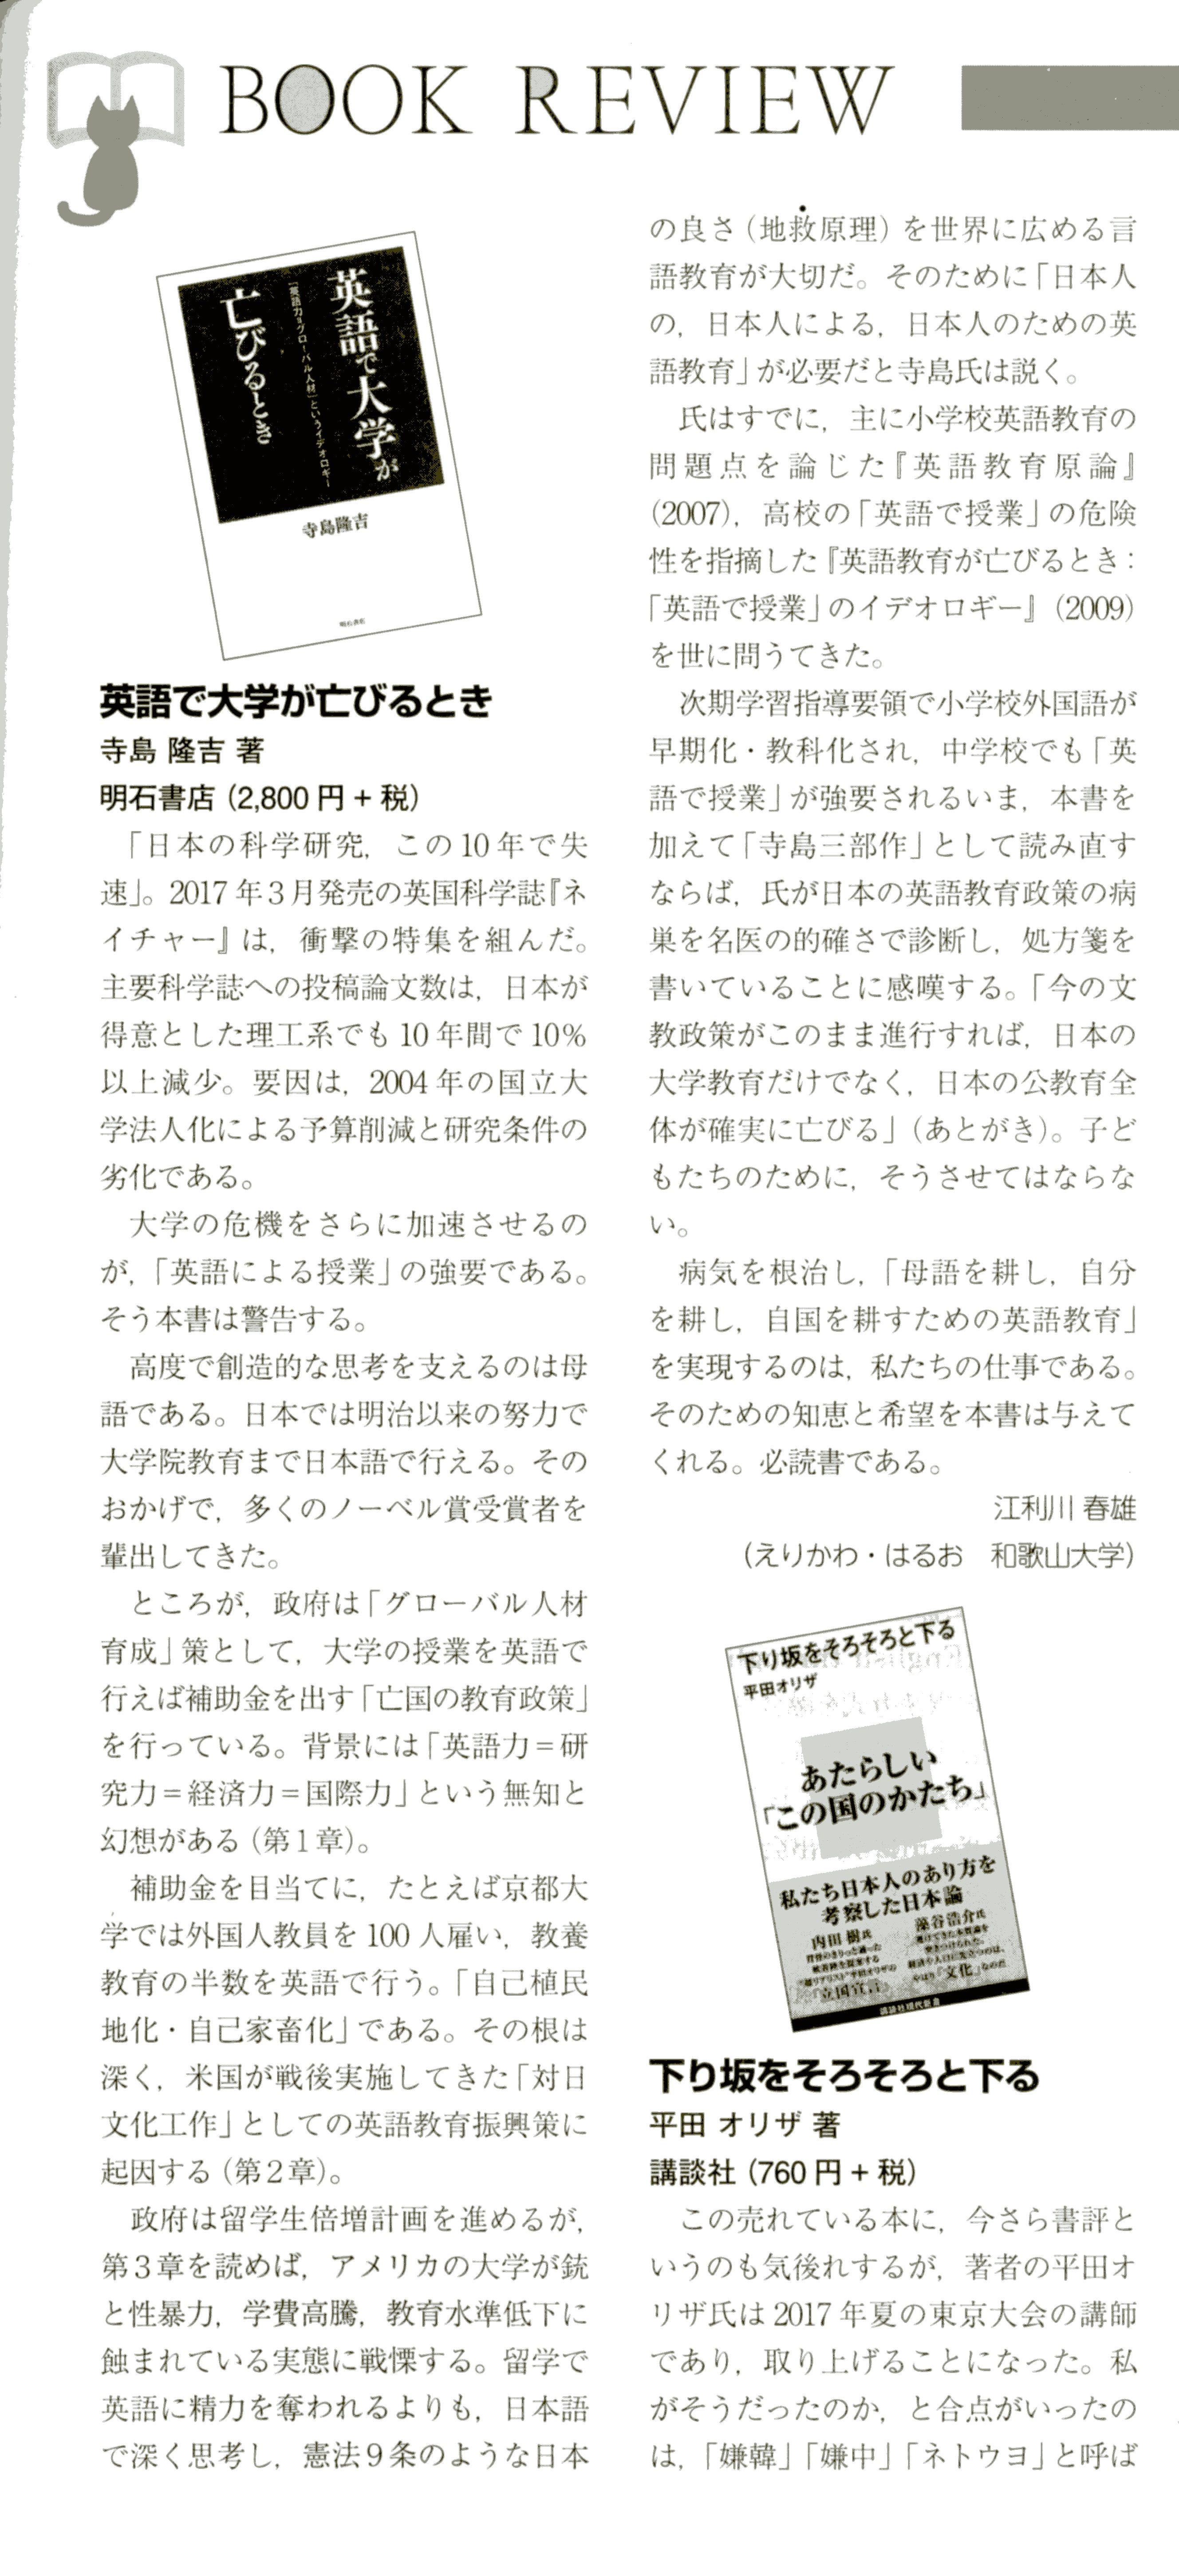 書評 『英語で大学が亡びるとき』江利川春雄、『新英語教育』2017年6月号